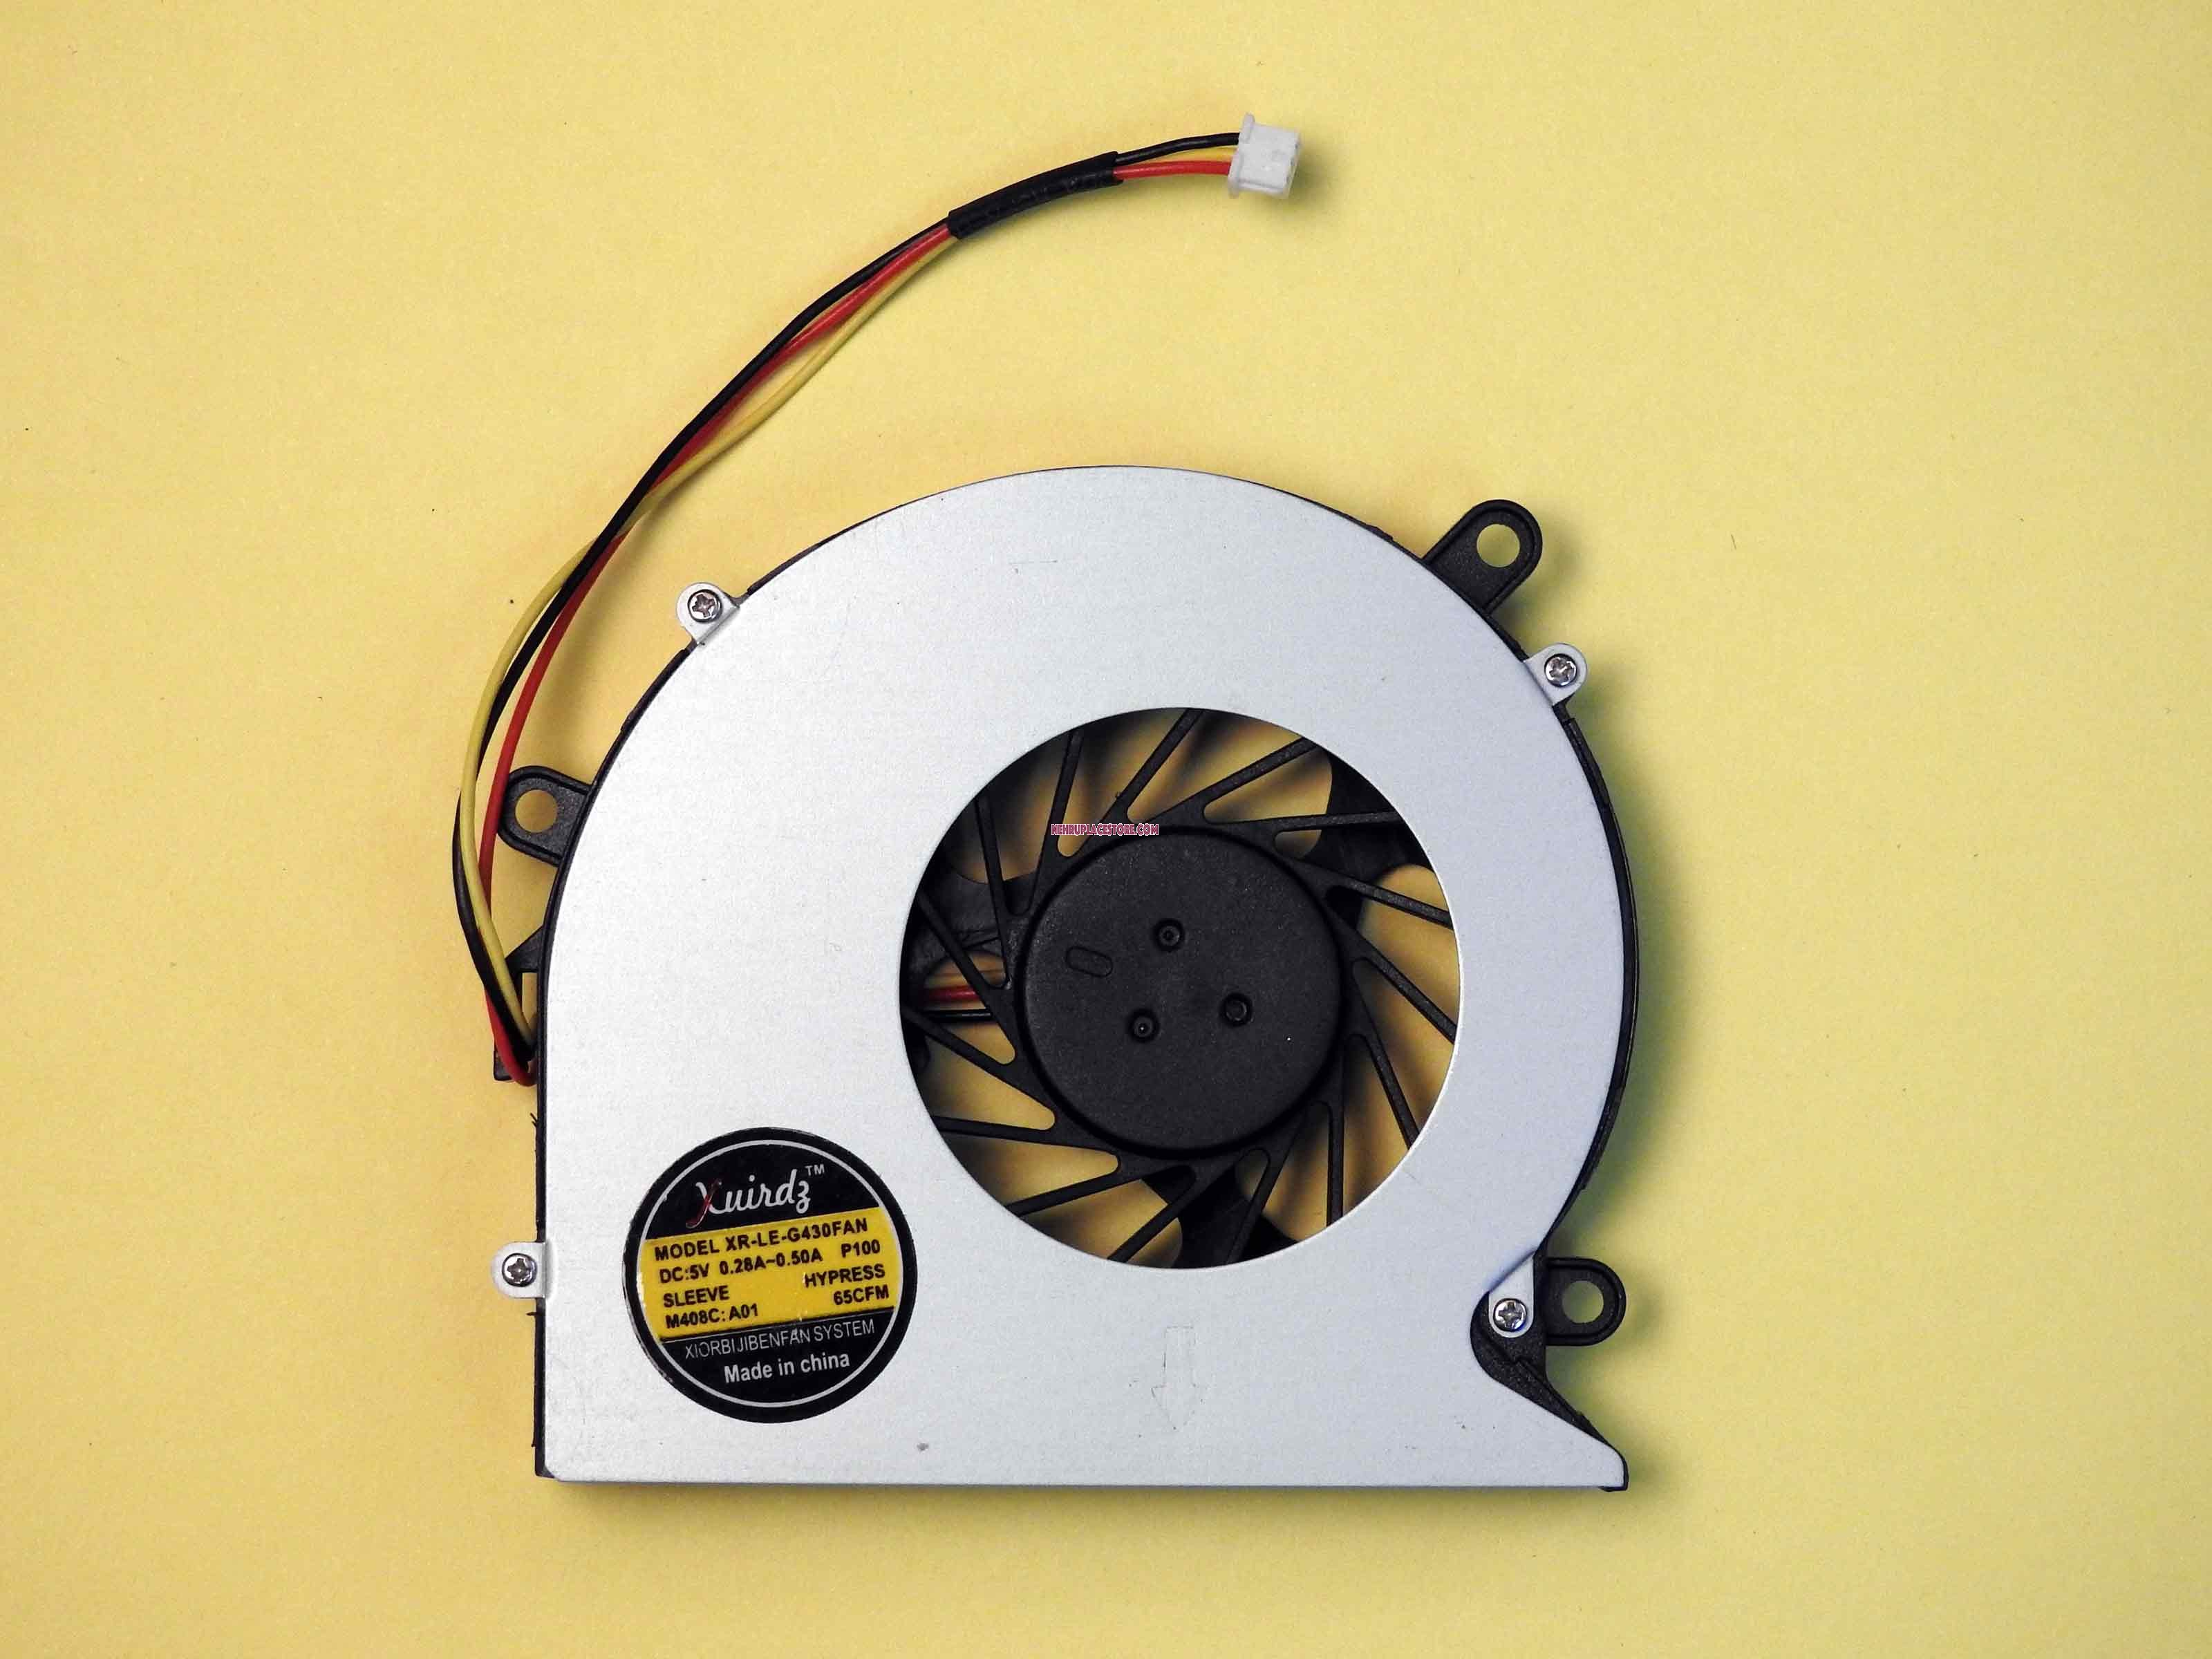 Lenovo G430 G510 G530 Y430 Y530 3000 K41 K42 E42 Laptop cpu cooling fan